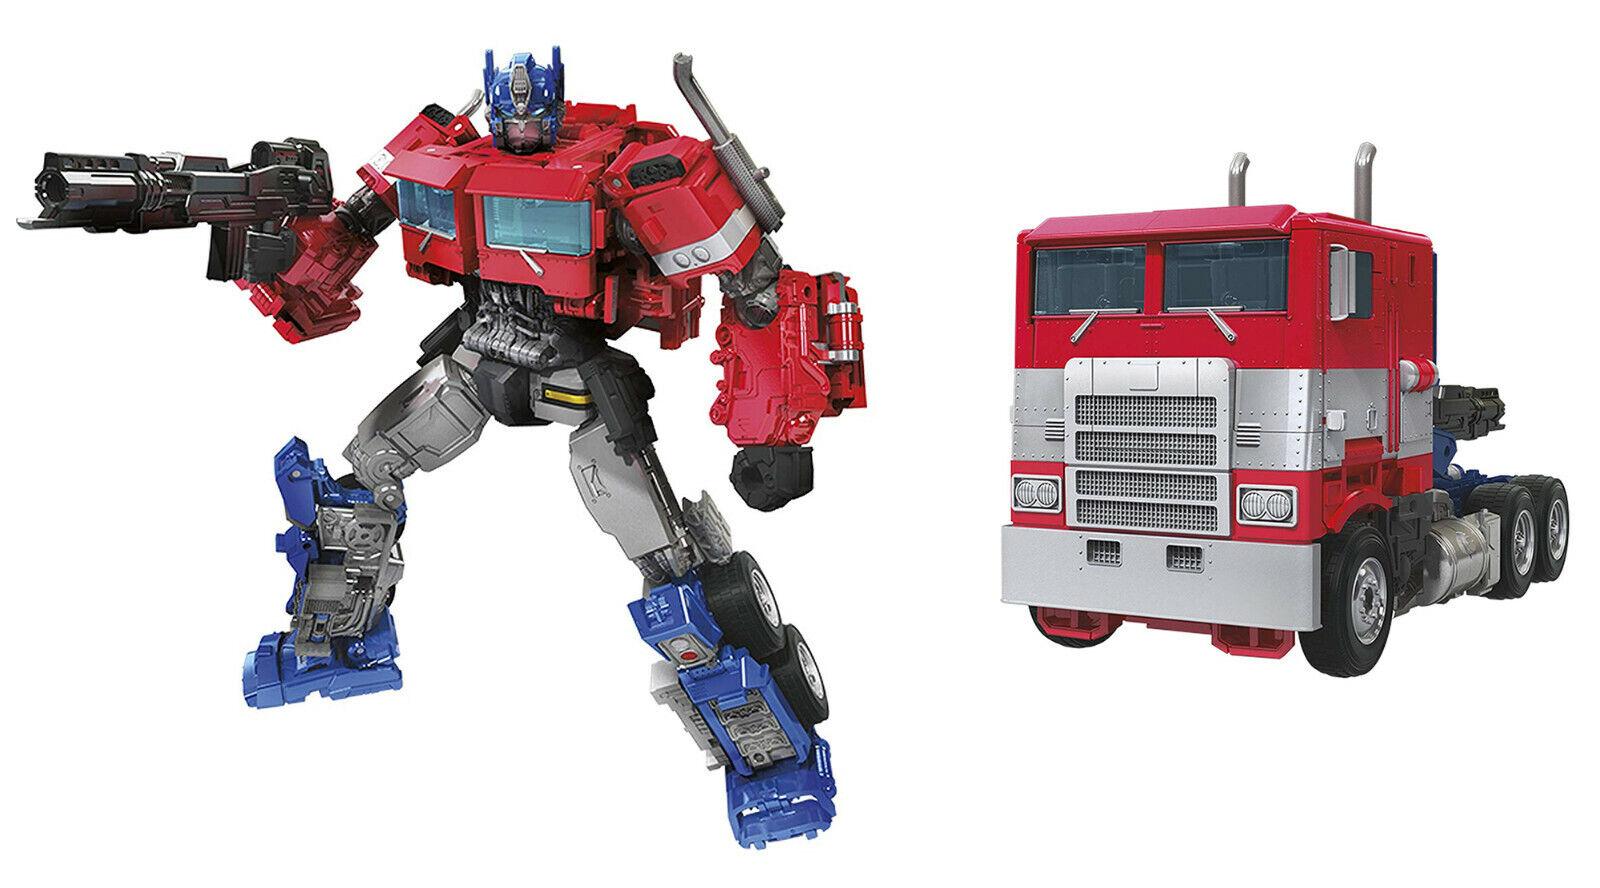 venta de ofertas Transformers Studio Studio Studio Series  Optimus Prime Figura De Acción  38  Voyager Class  muchas sorpresas